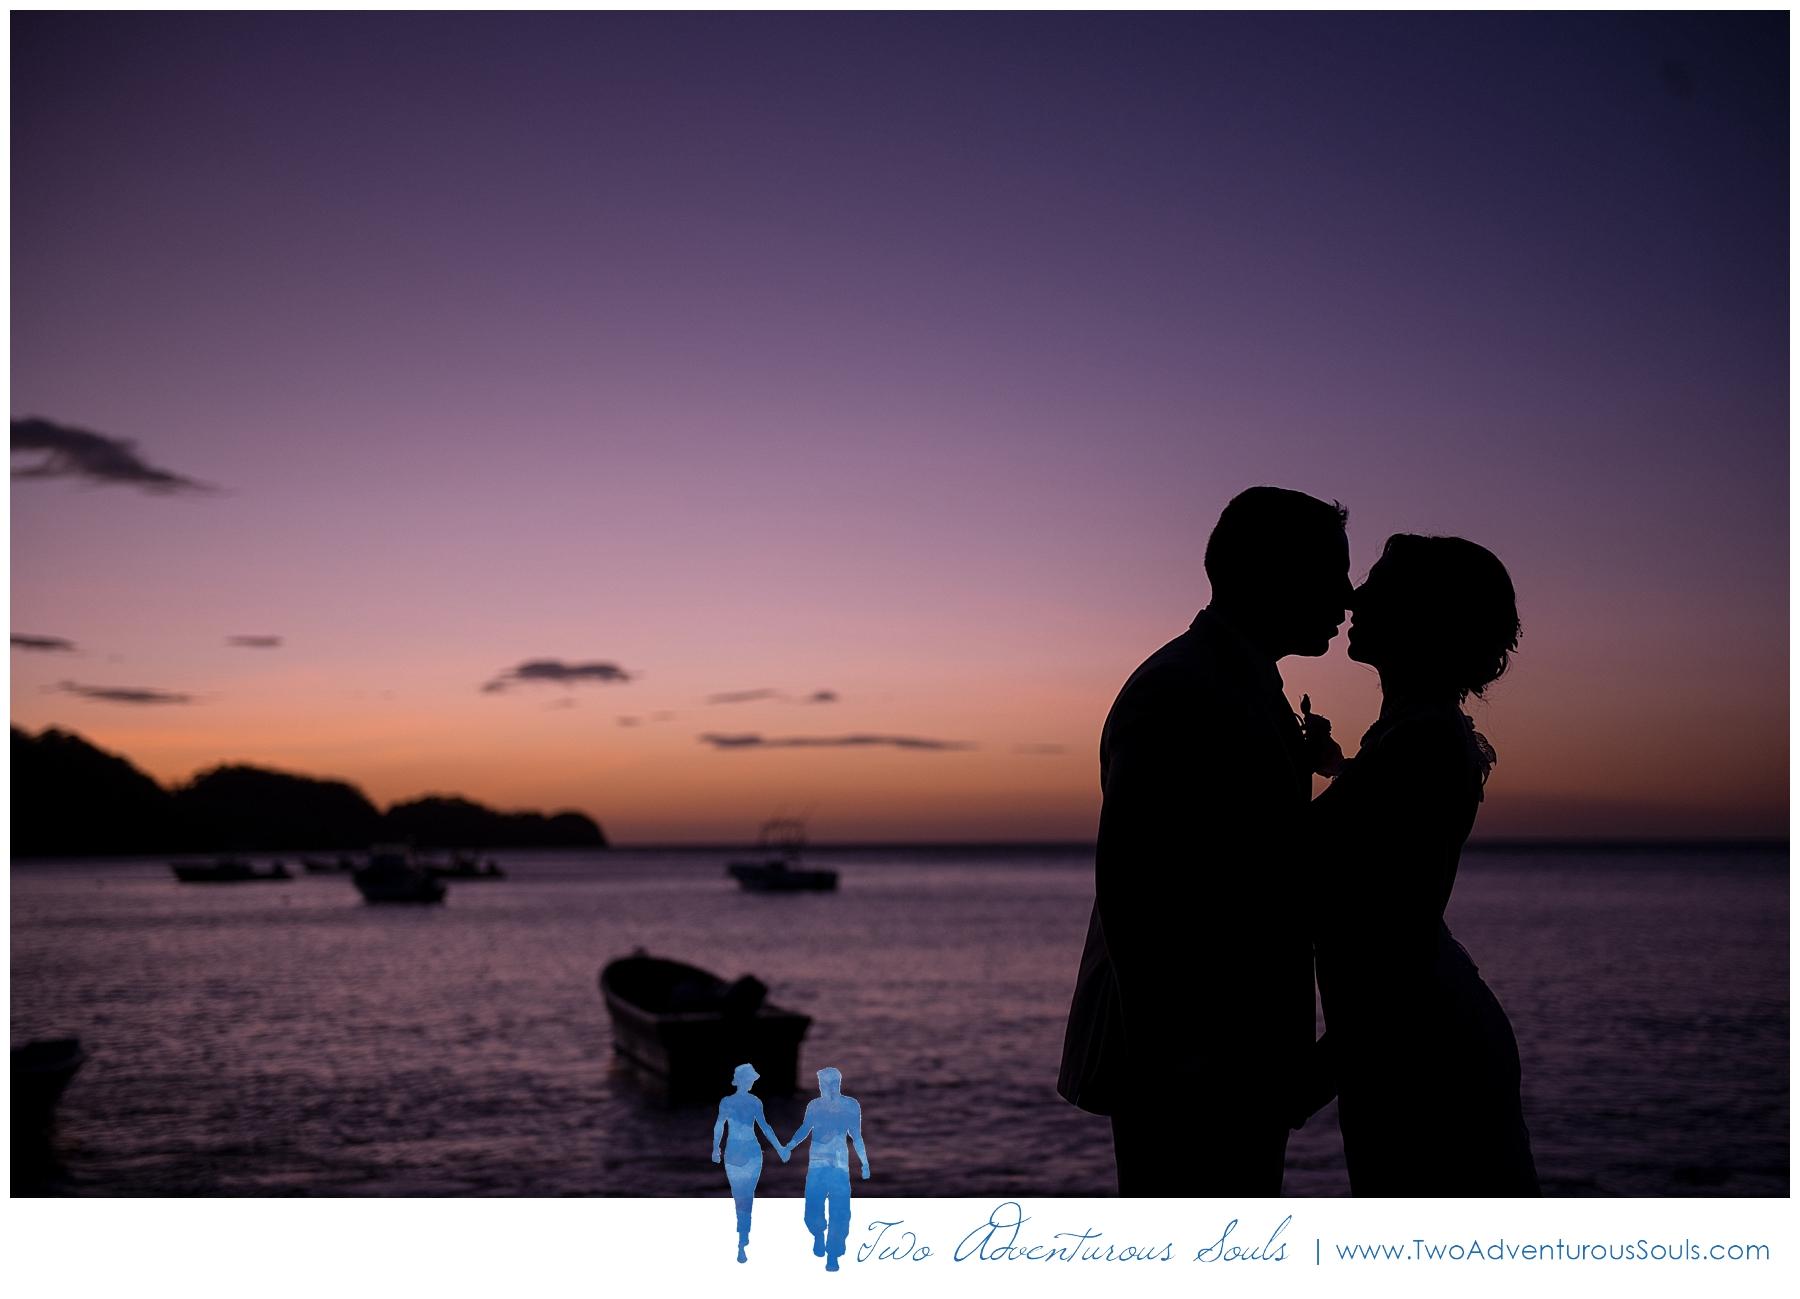 Dreams Las Mareas Wedding, Costa Rica Wedding Photographers - Two Adventurous Souls - Destination Wedding Photographers